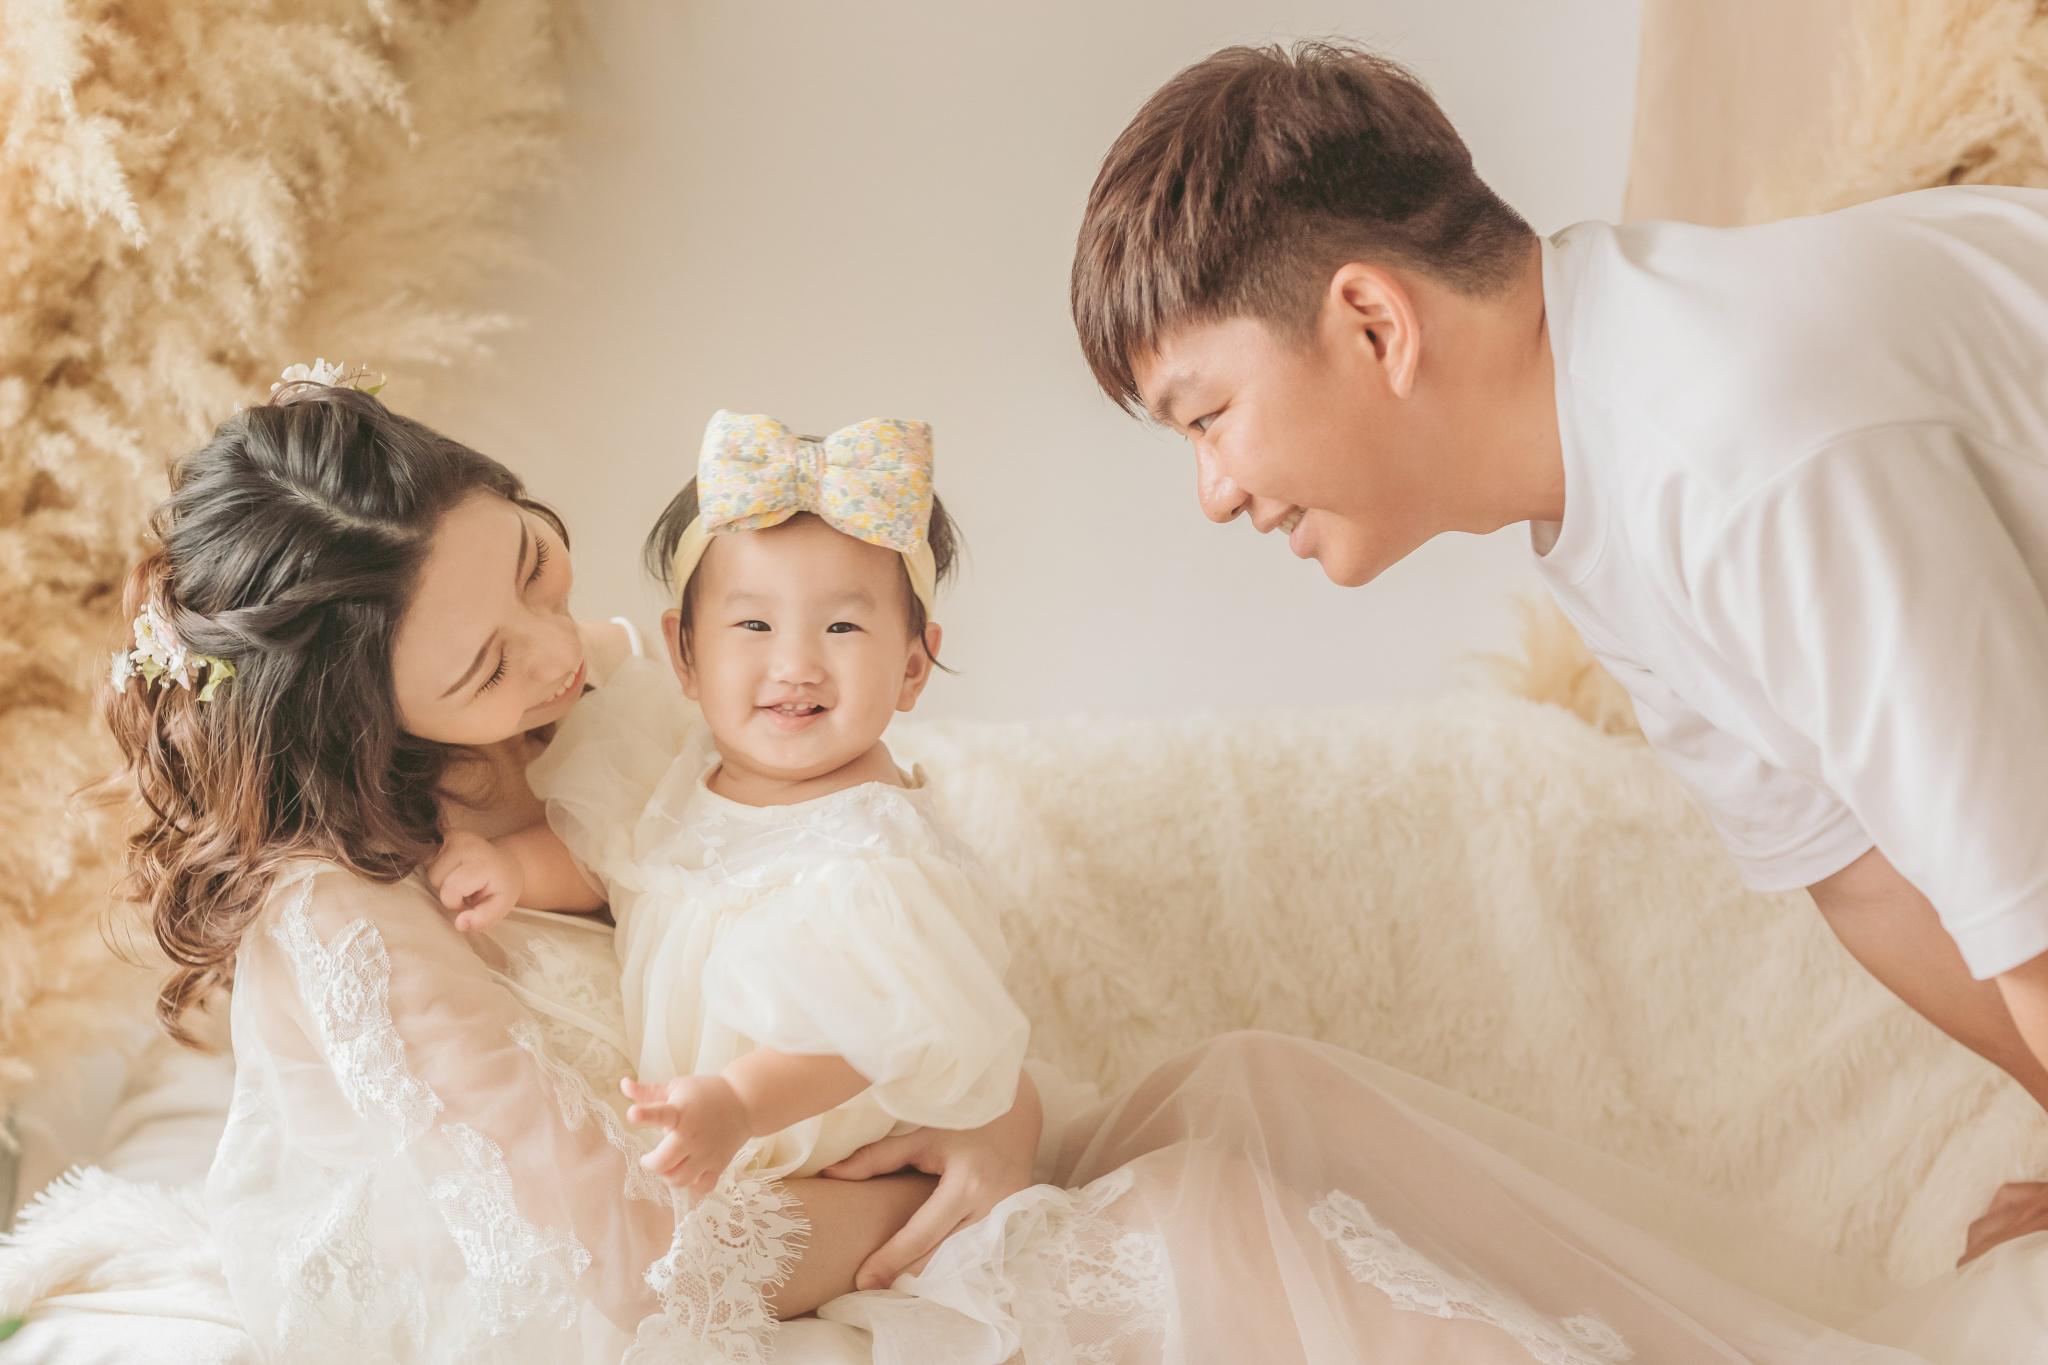 台南孕婦寫真推薦|一組溫馨家居孕婦照 貼近生